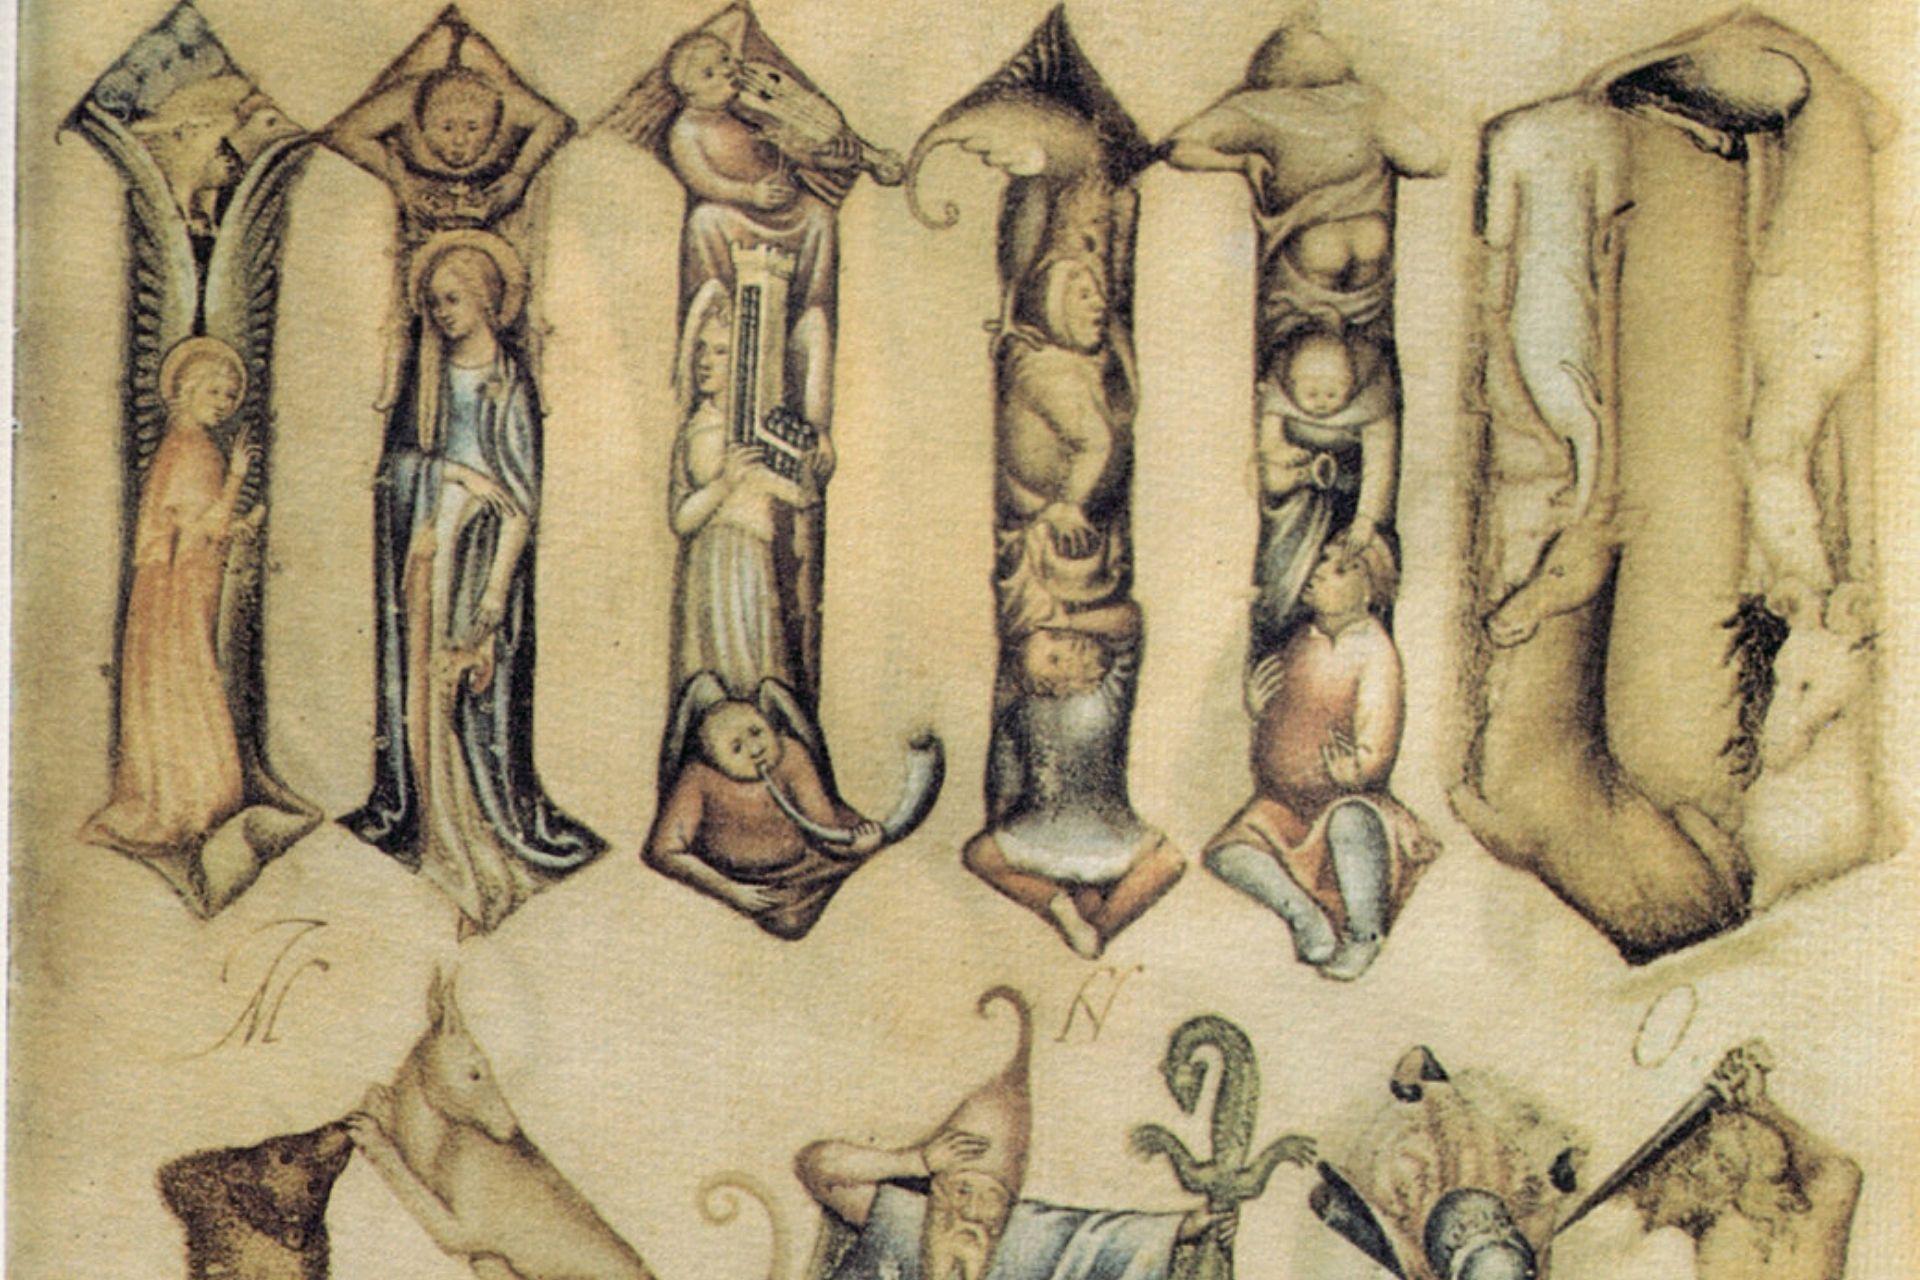 Mostra Arte Visconti Sforza